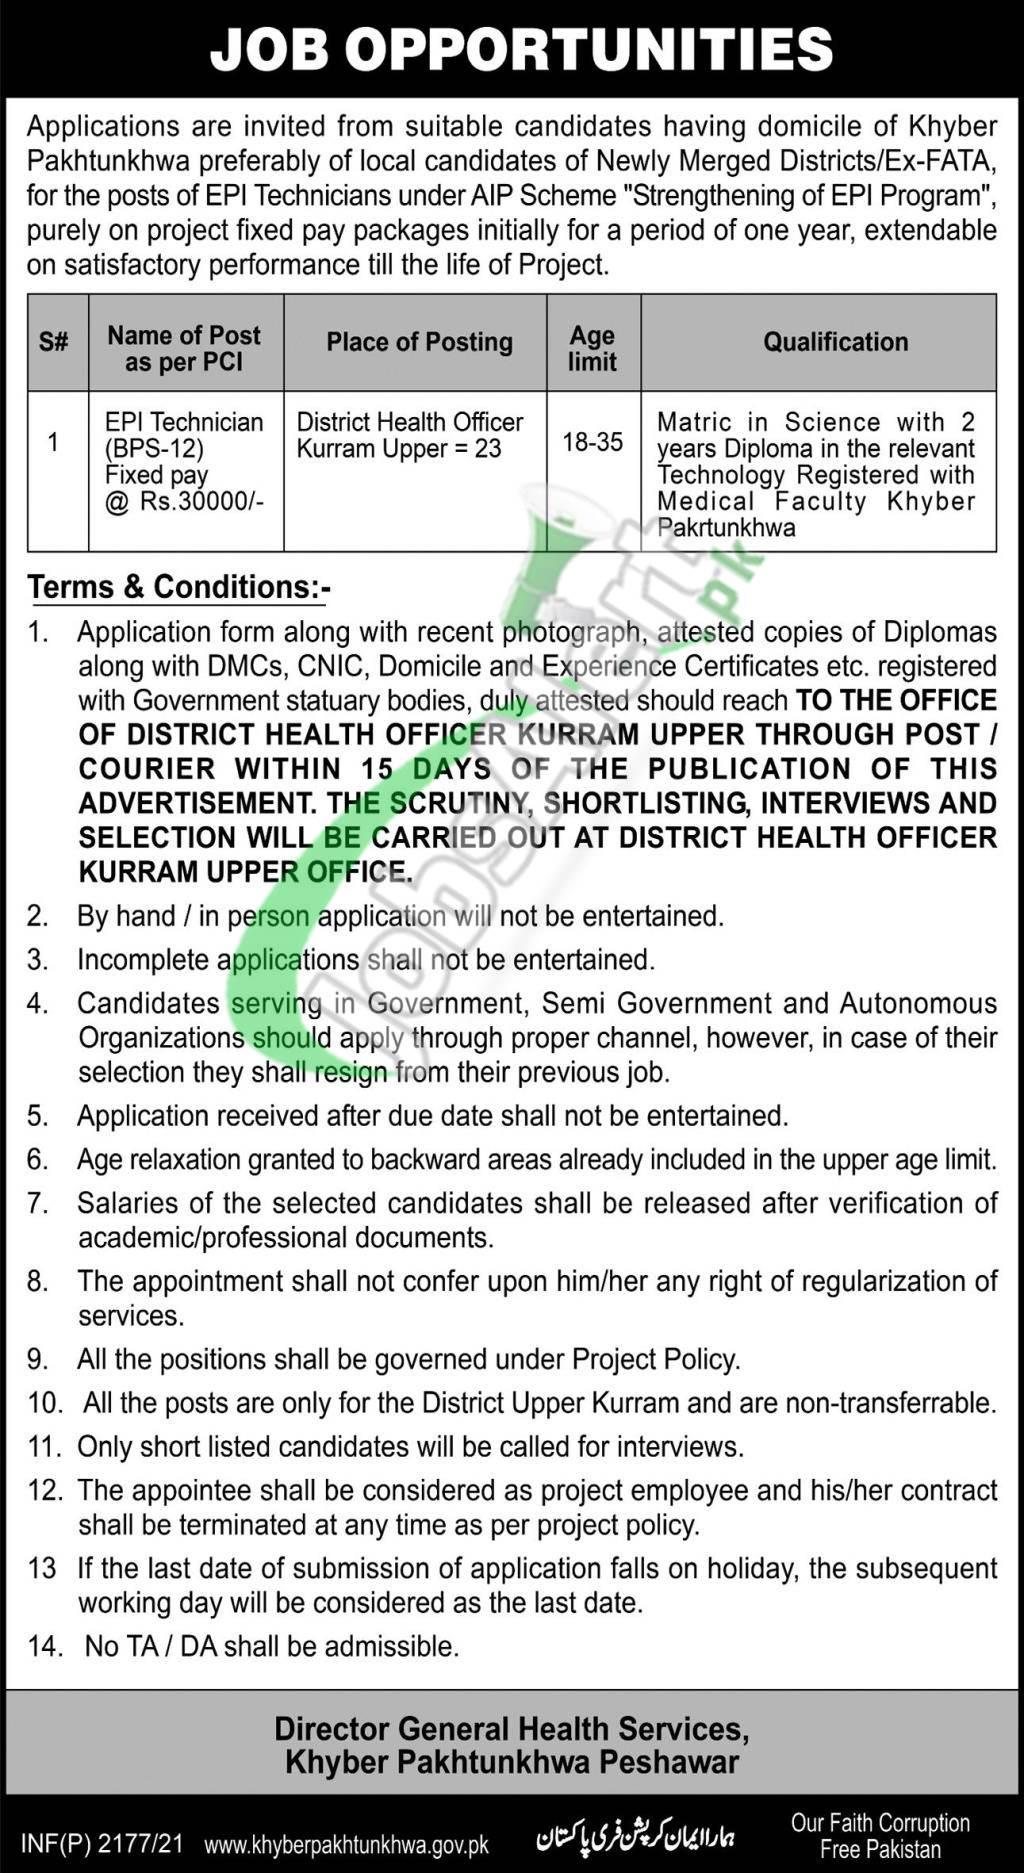 KPK Health Department Jobs